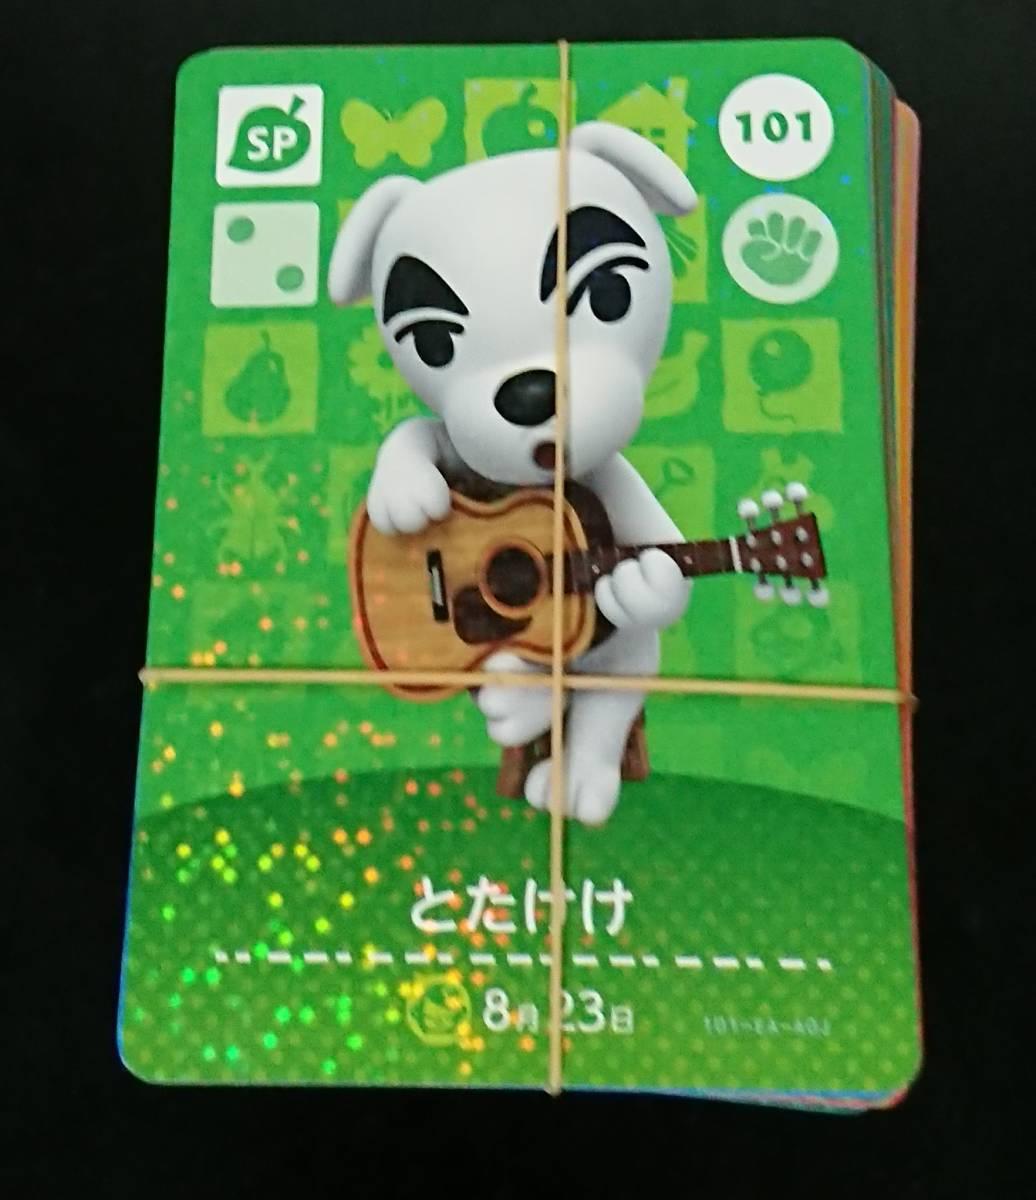 どうぶつの森 アミーボカード 第2弾 SPカード 17種 コンプ amiibo カード amiiboカード SP